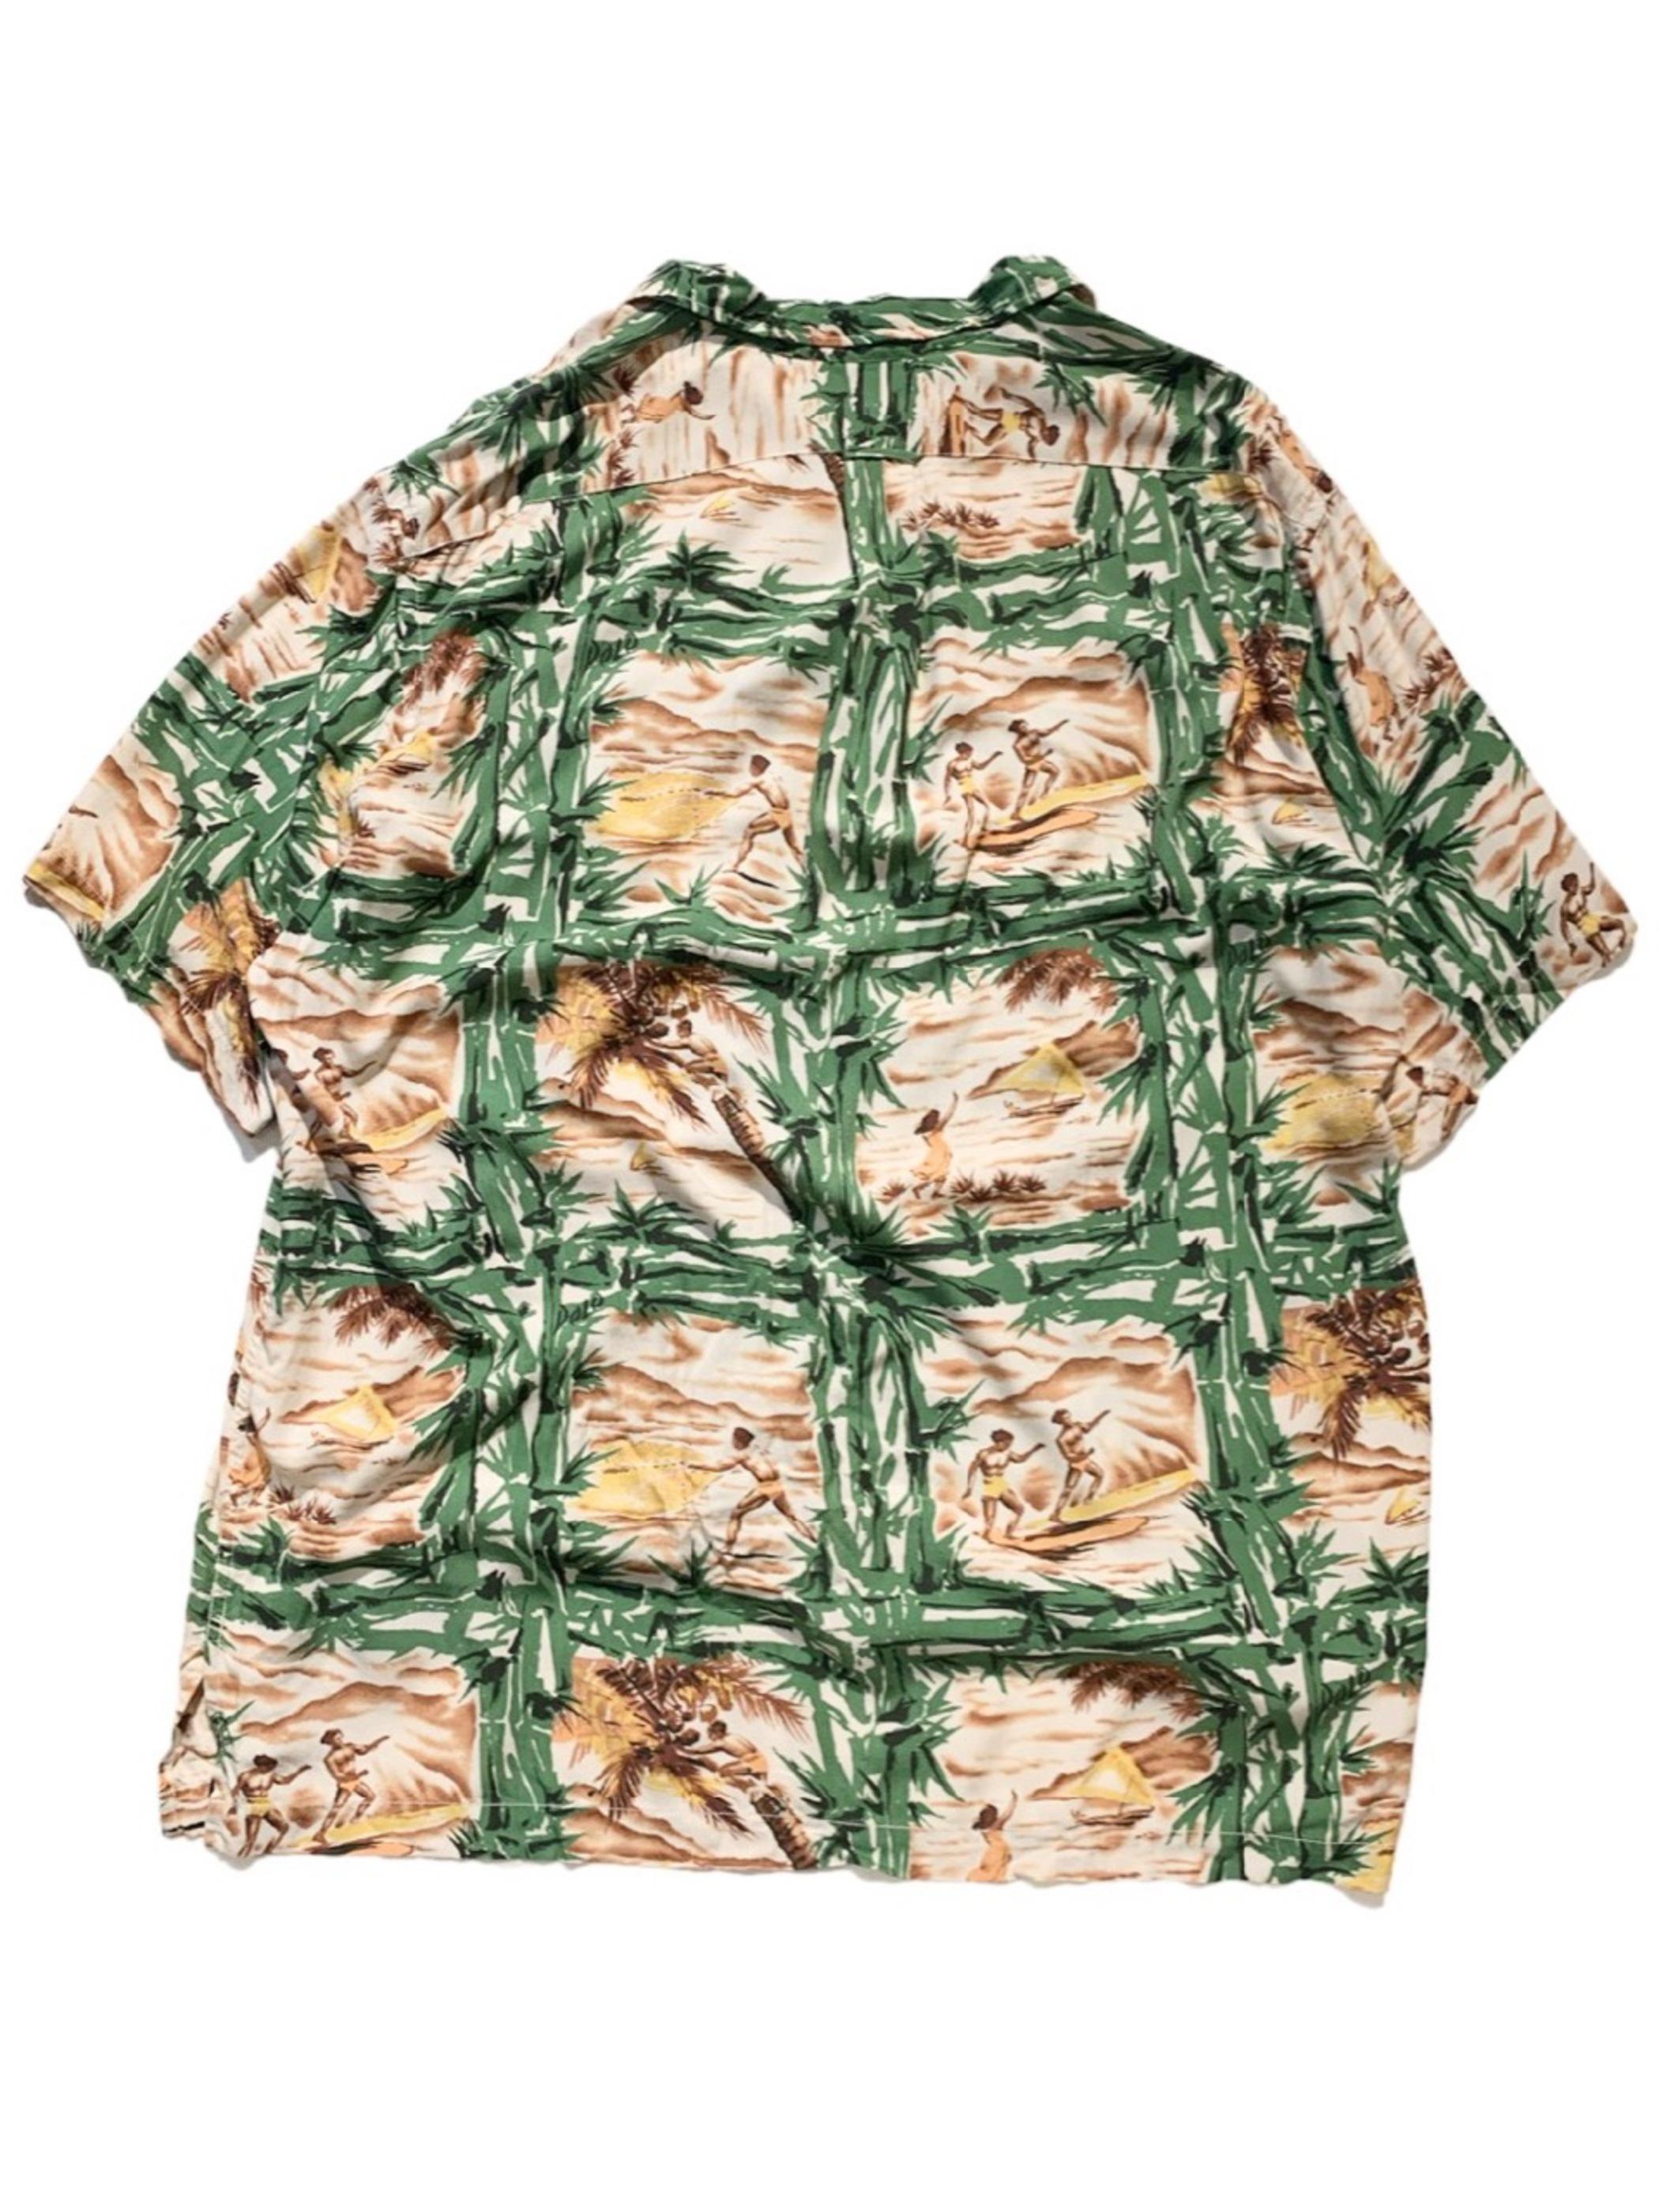 old POLO SPORTS hawaiian shirt